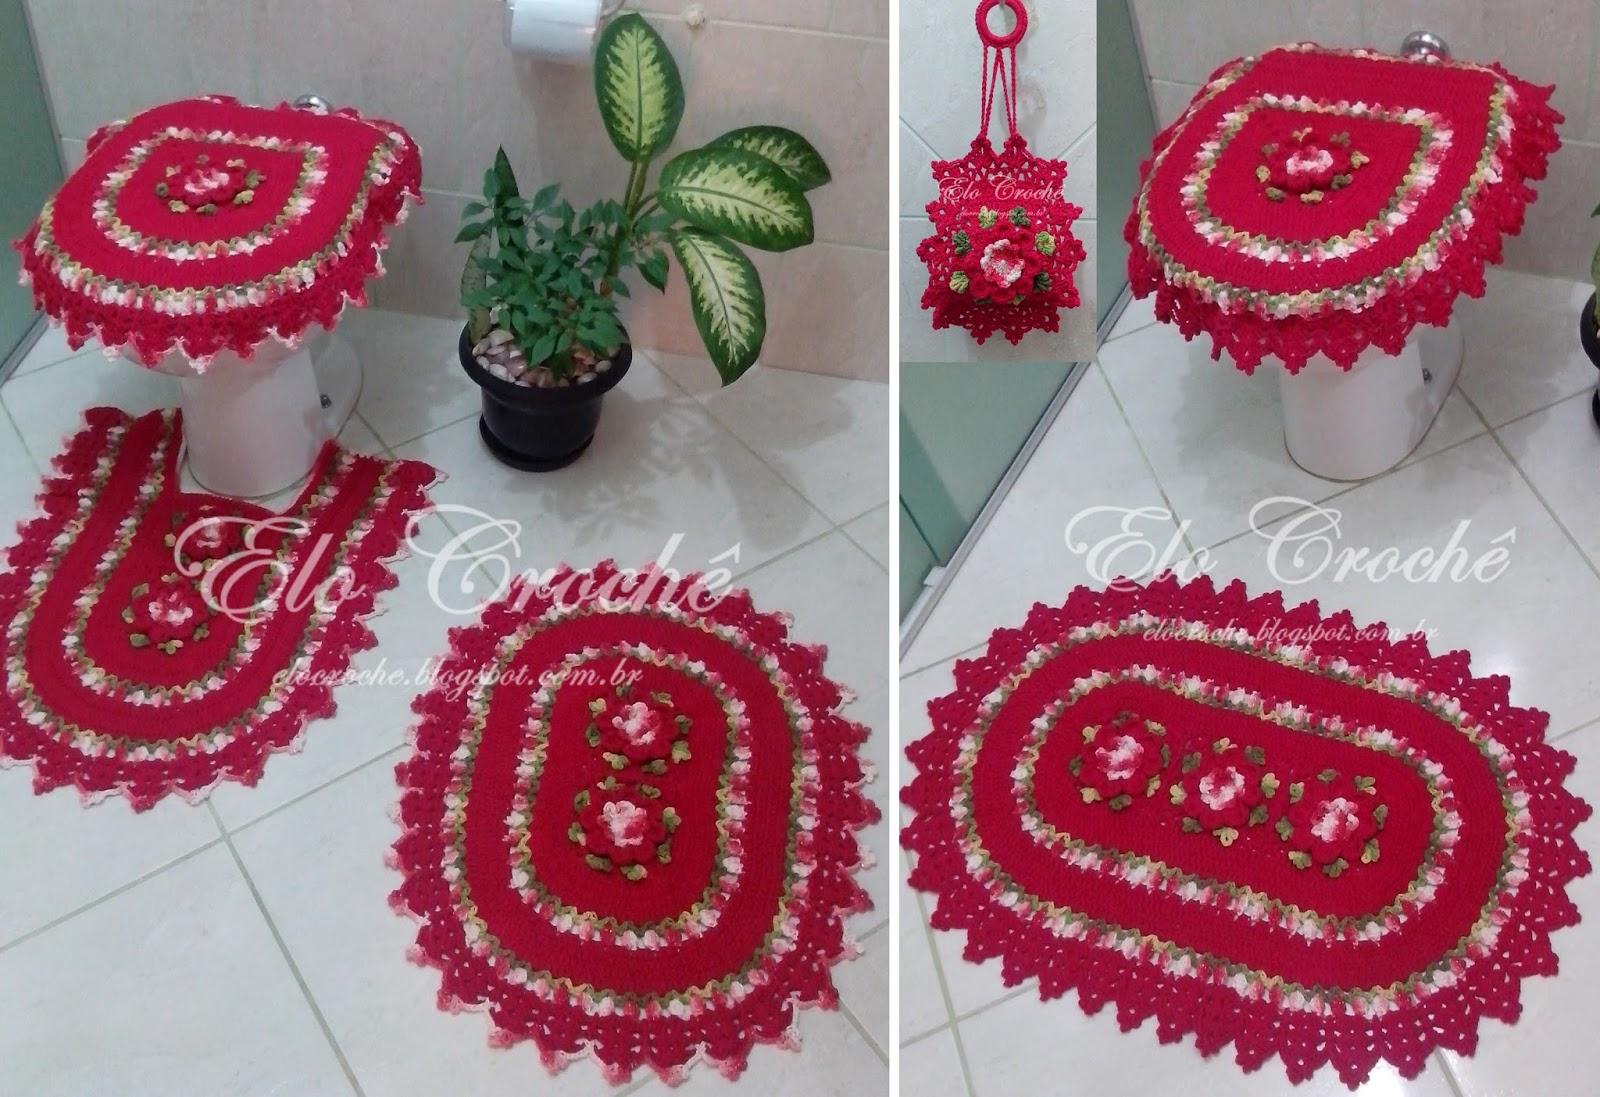 Jogo De Banheiro Primavera Laranja Passo A Passo : Elo croch? by eloiza castro jogo de banheiro em croch?